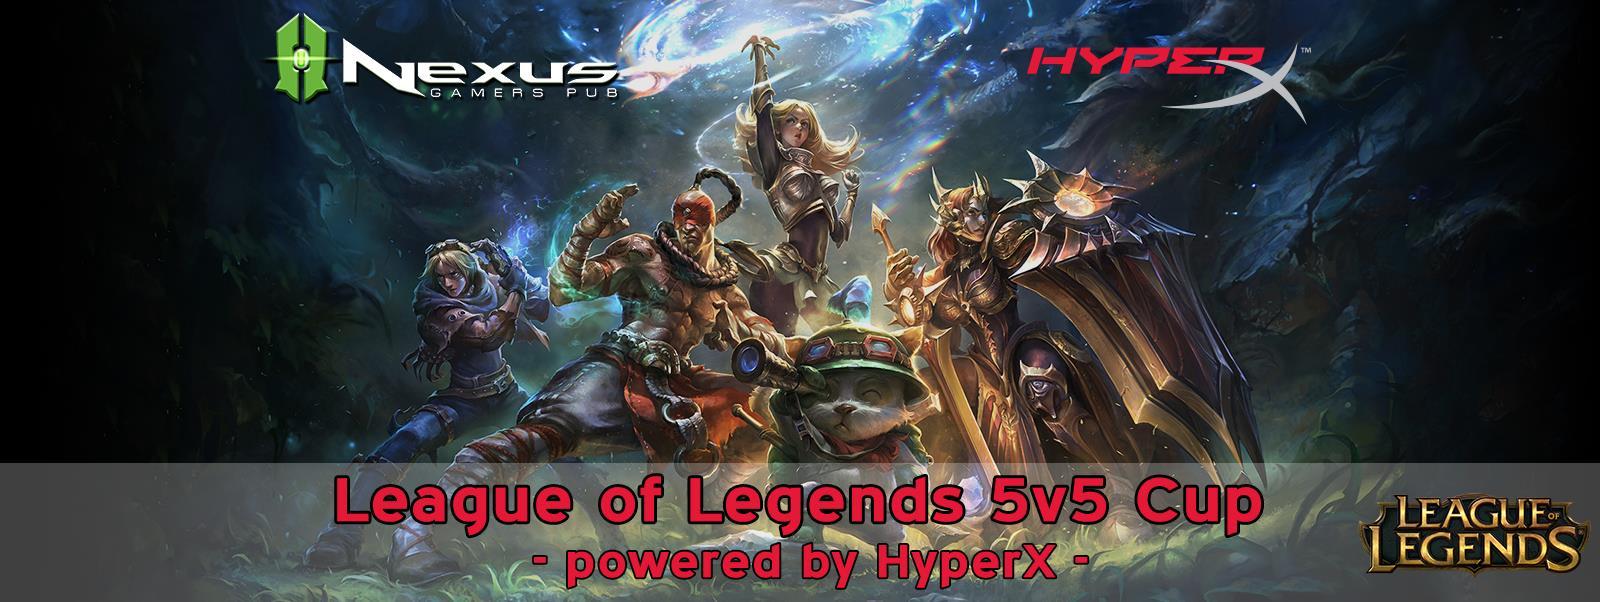 Photo of Nexus impreuna cu HyperX ofera premii de 1500 de euro intr-un campionat League of Legends